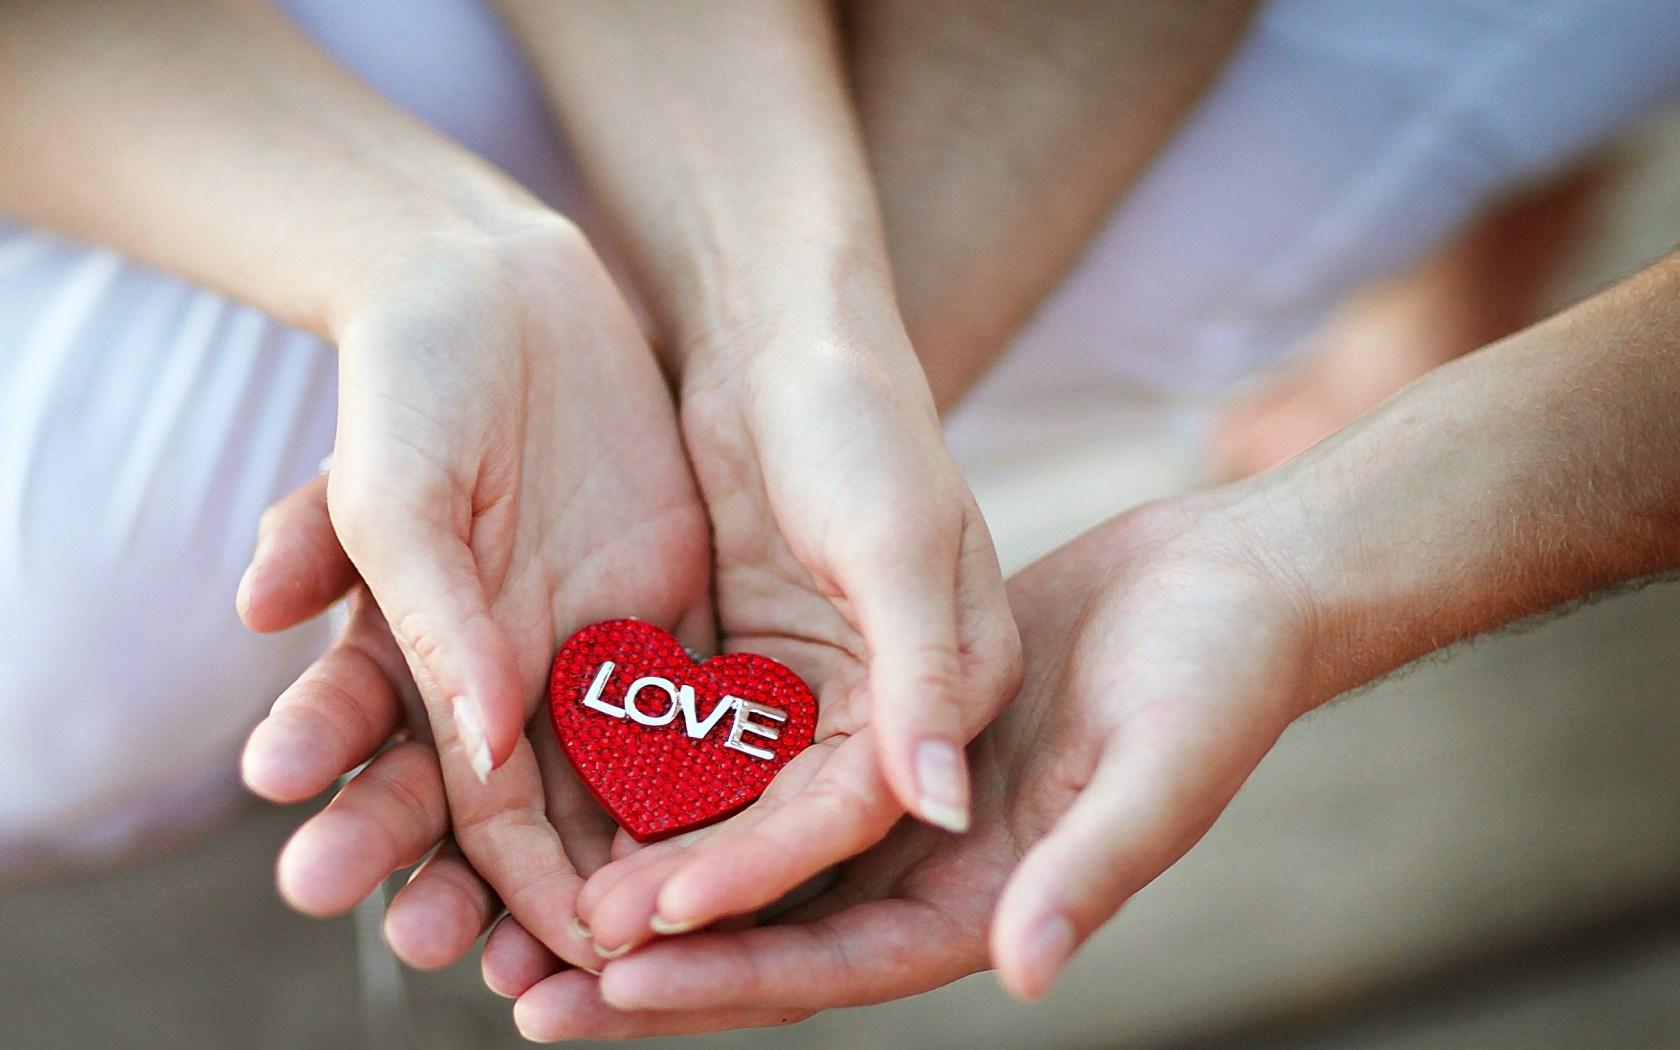 hands-red-heart-love-hd-wallpaper